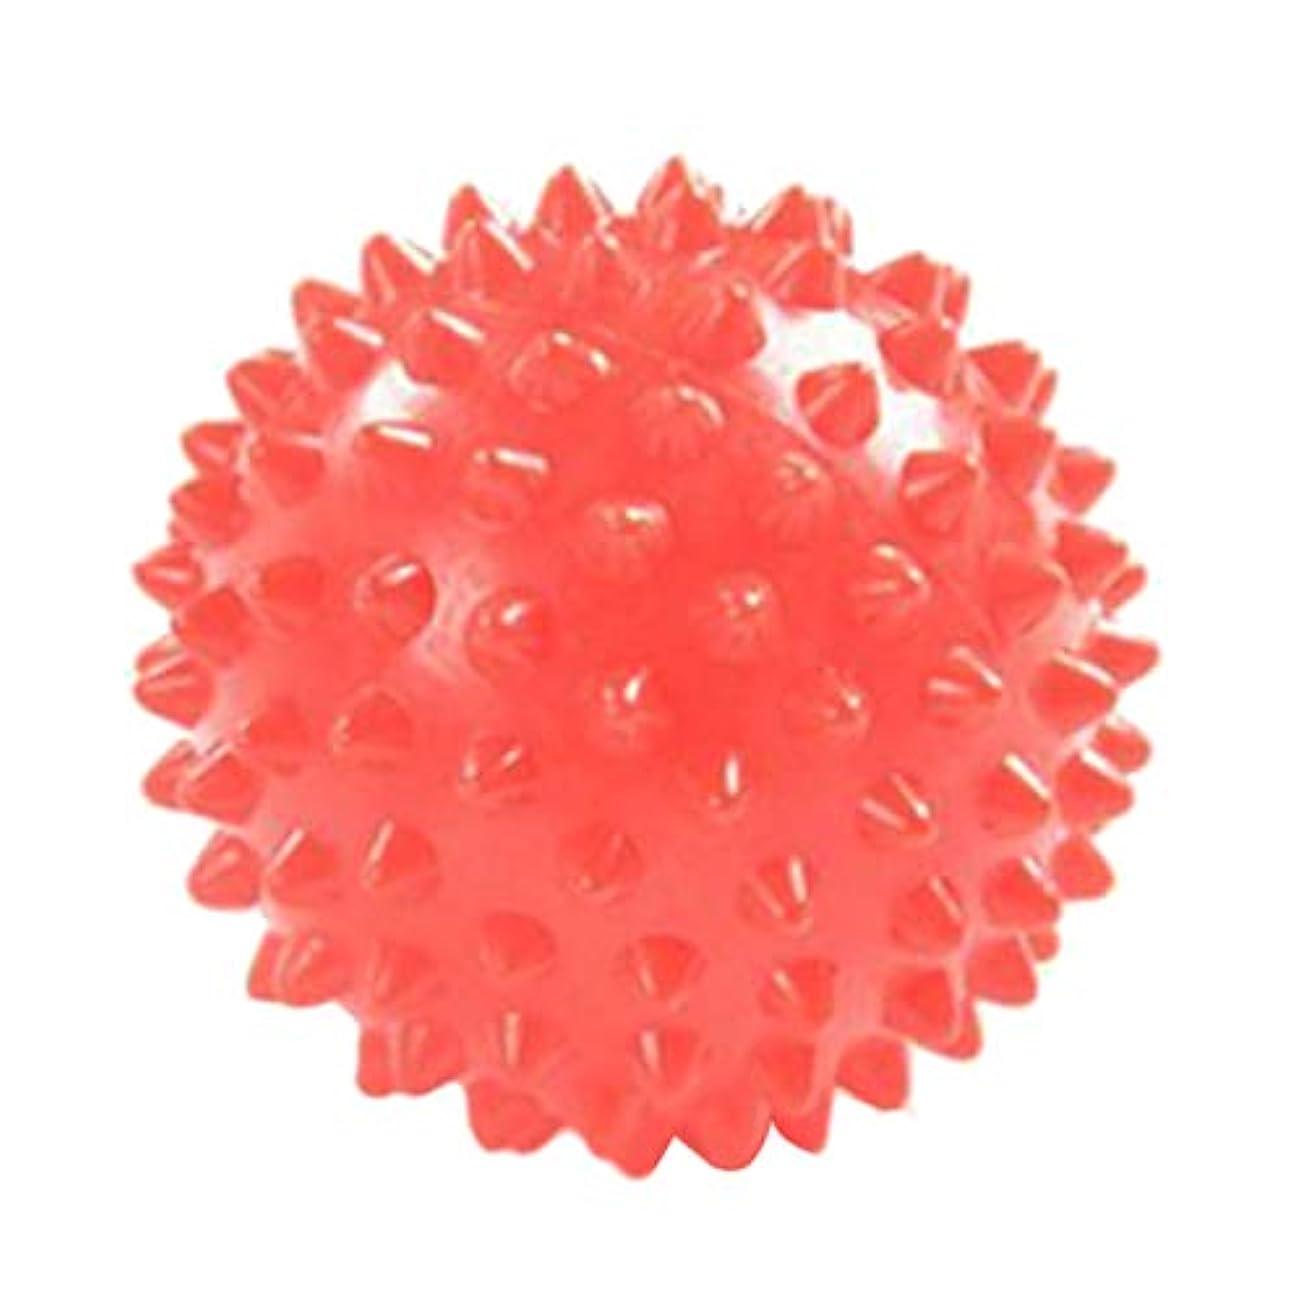 判読できないギャンブル不従順マッサージボール ツボ押し ヨガボール 触覚ボール 7cm オレンジ